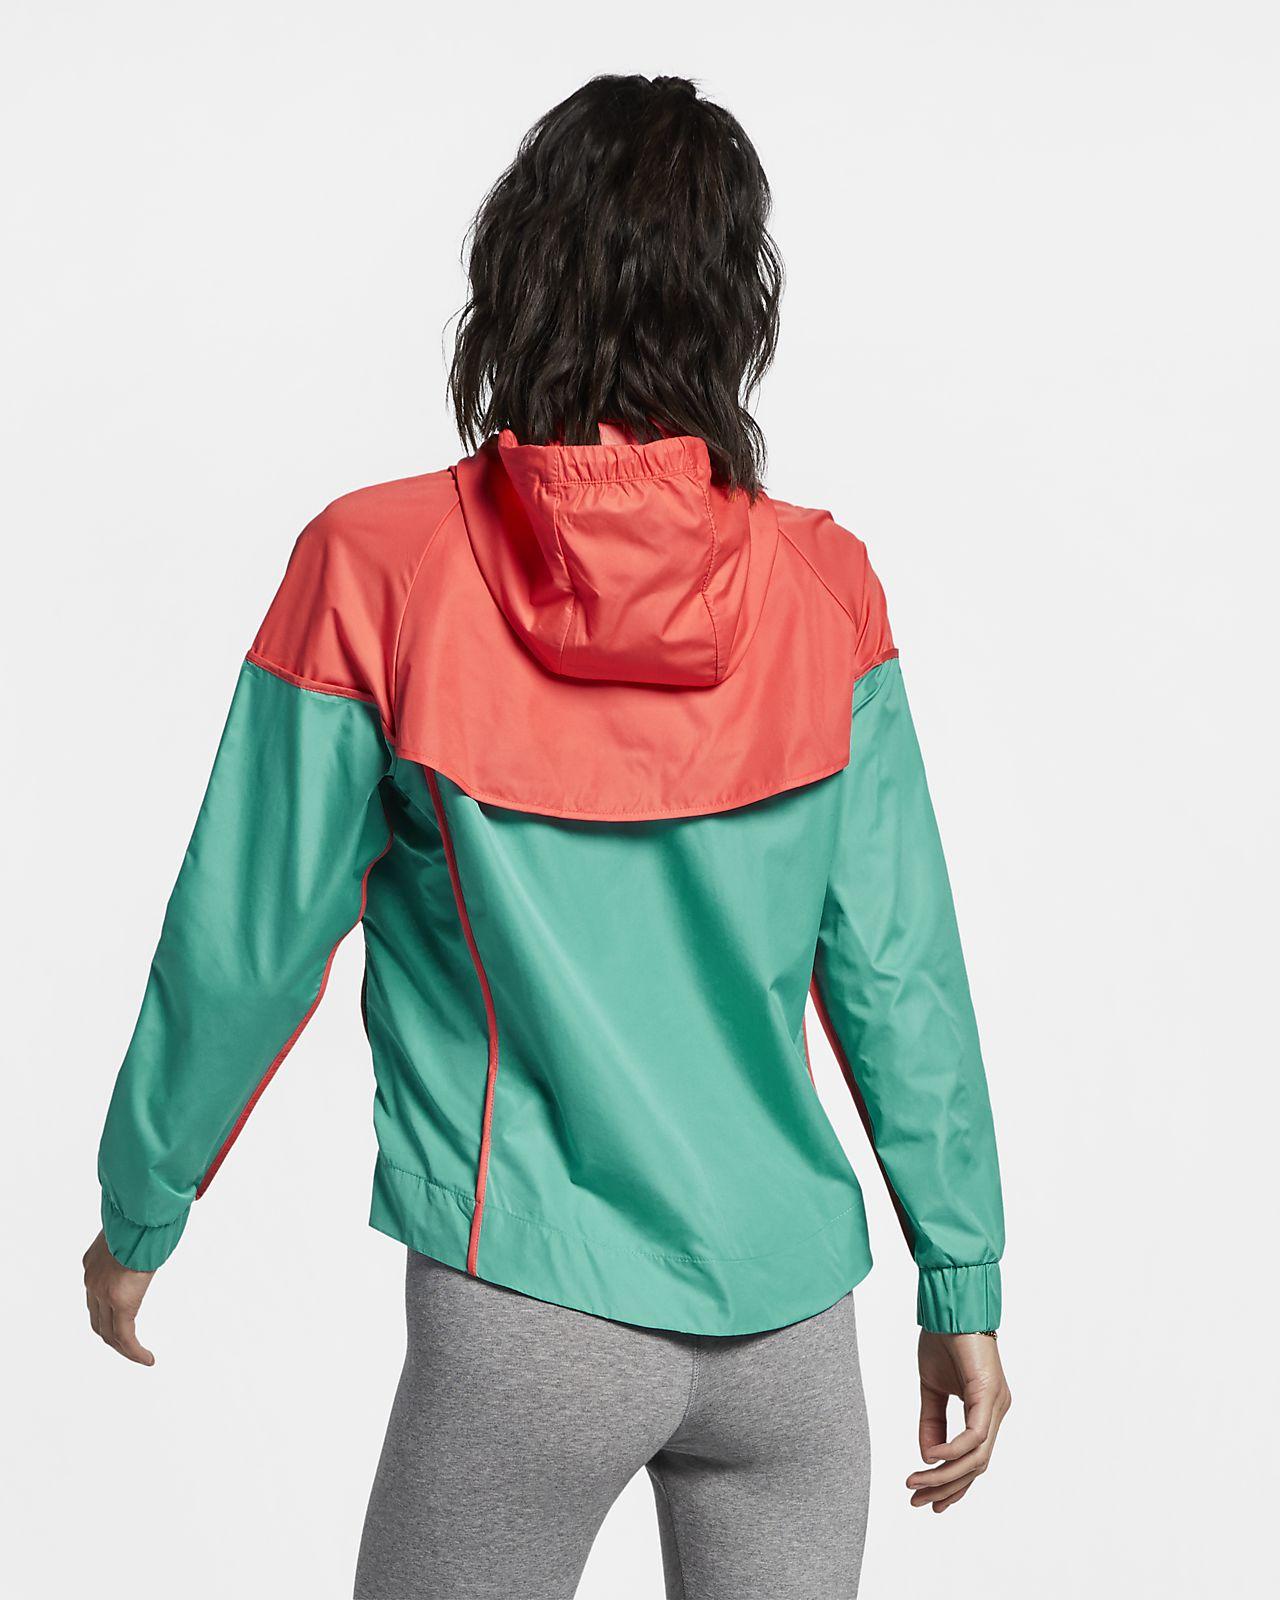 b1fa7148 Vævet Nike Sportswear Windrunner-vindjakke til kvinder. Nike.com DK